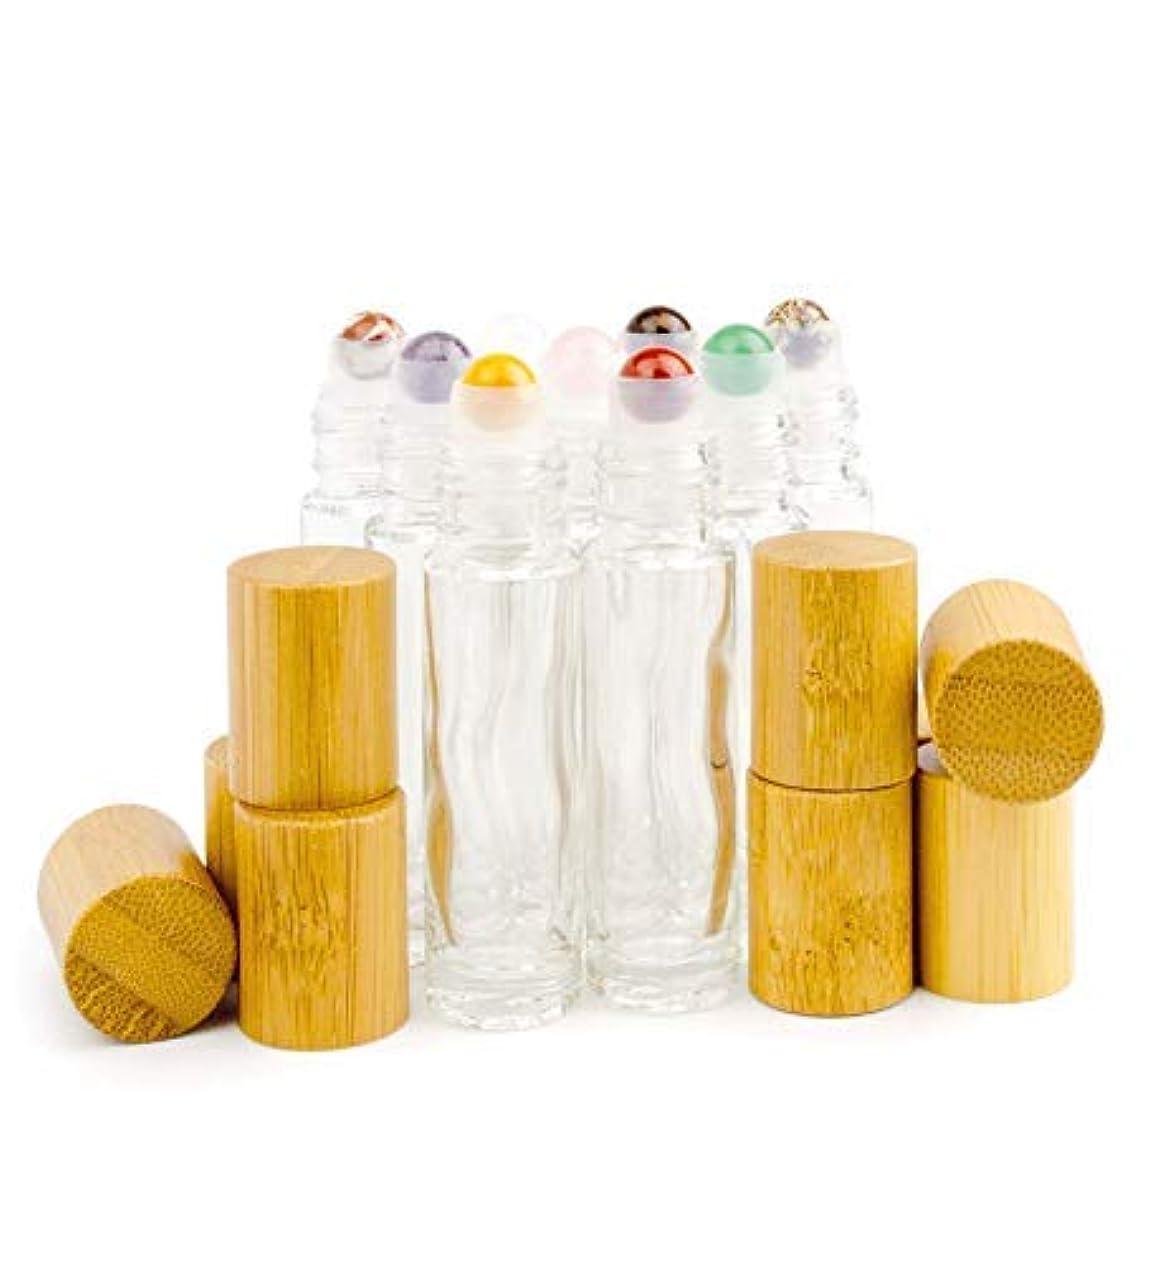 適切なフェード少数Grand Parfums 9 Gemstone Crystal Roller Tops in 10ml Clear Glass Bottles, with Natural Bamboo Caps for Essential...